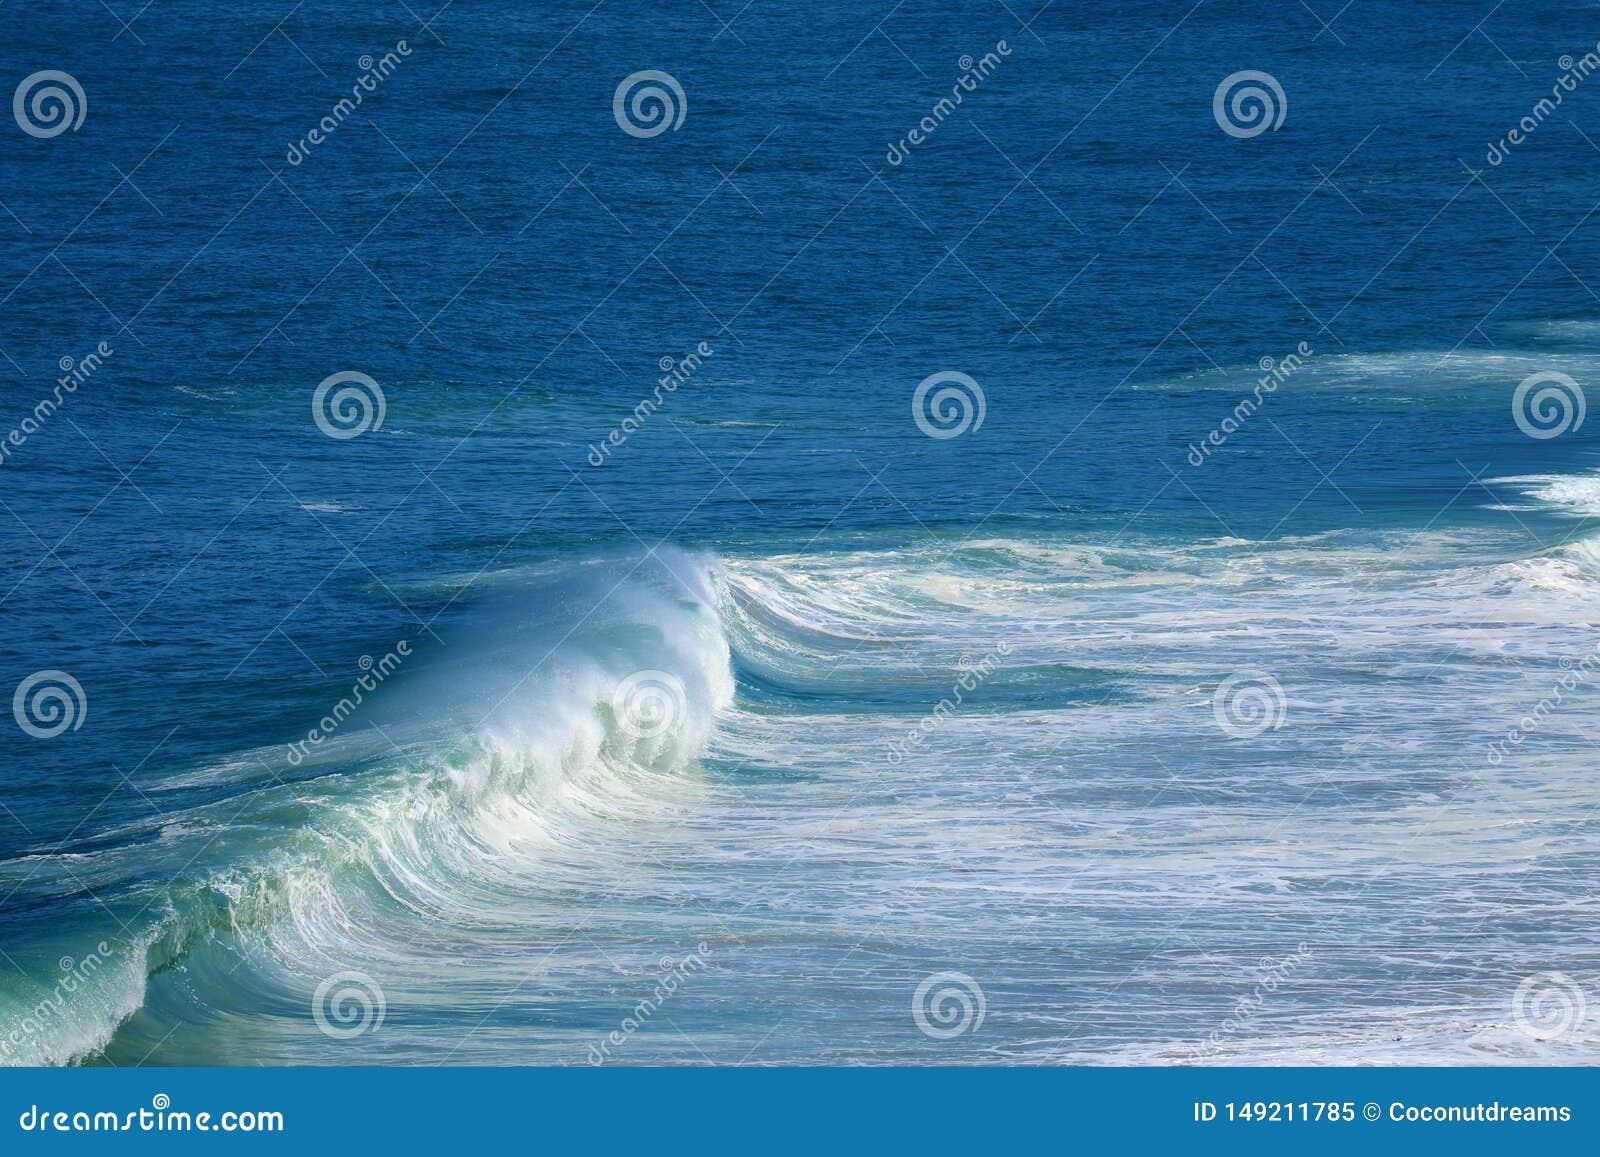 Spruzzando le onde sul mare blu vivo